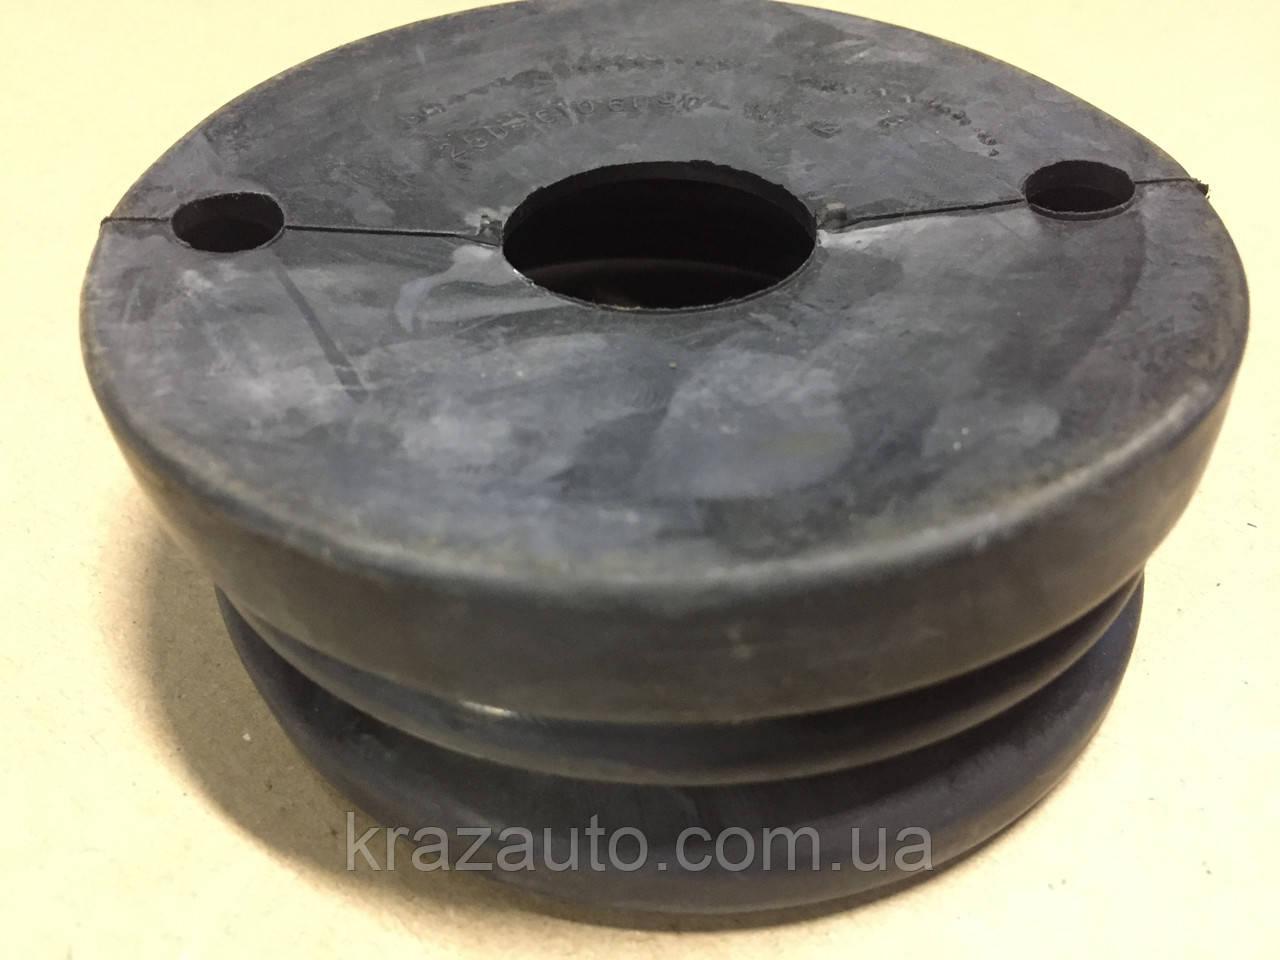 Уплотнитель ограничителя открывания двери КРАЗ 250-6106090-10